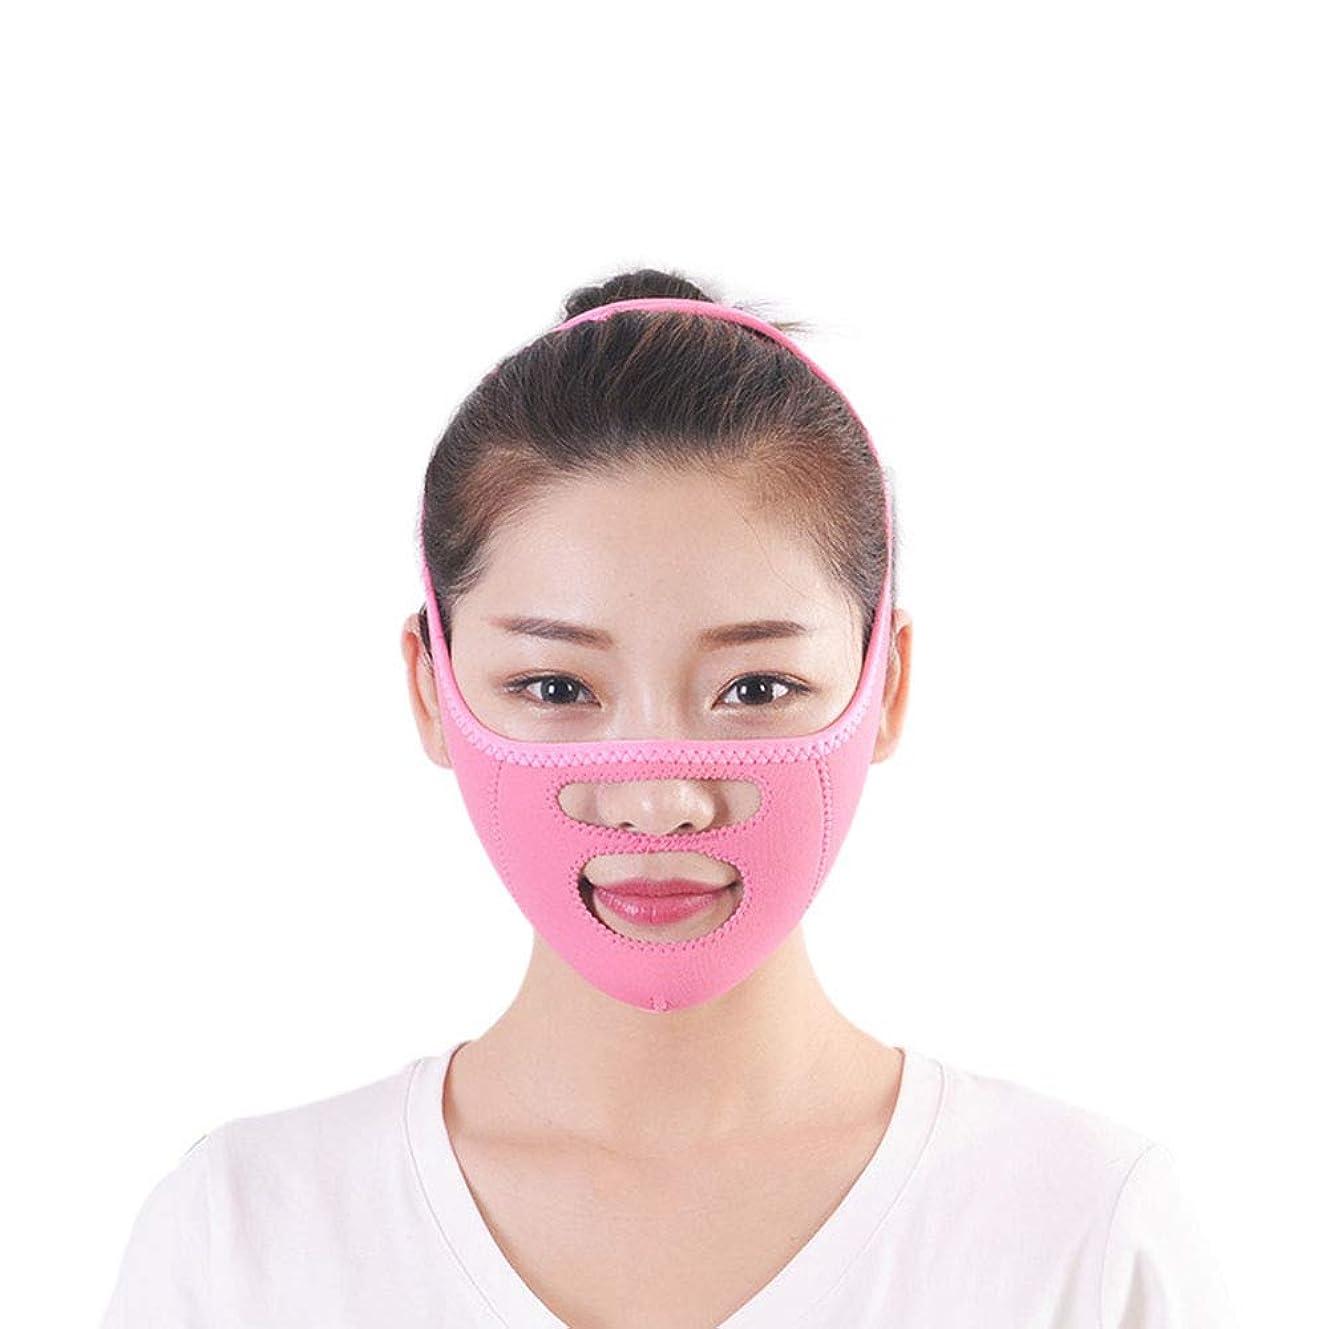 浸すチャップ経験者二重あごの顔の減量の緩和を改善するためのフェイスリフティングアーチファクトマスク、ビームフェイス包帯/小型Vフェイスリフティングタイト補正,Blue